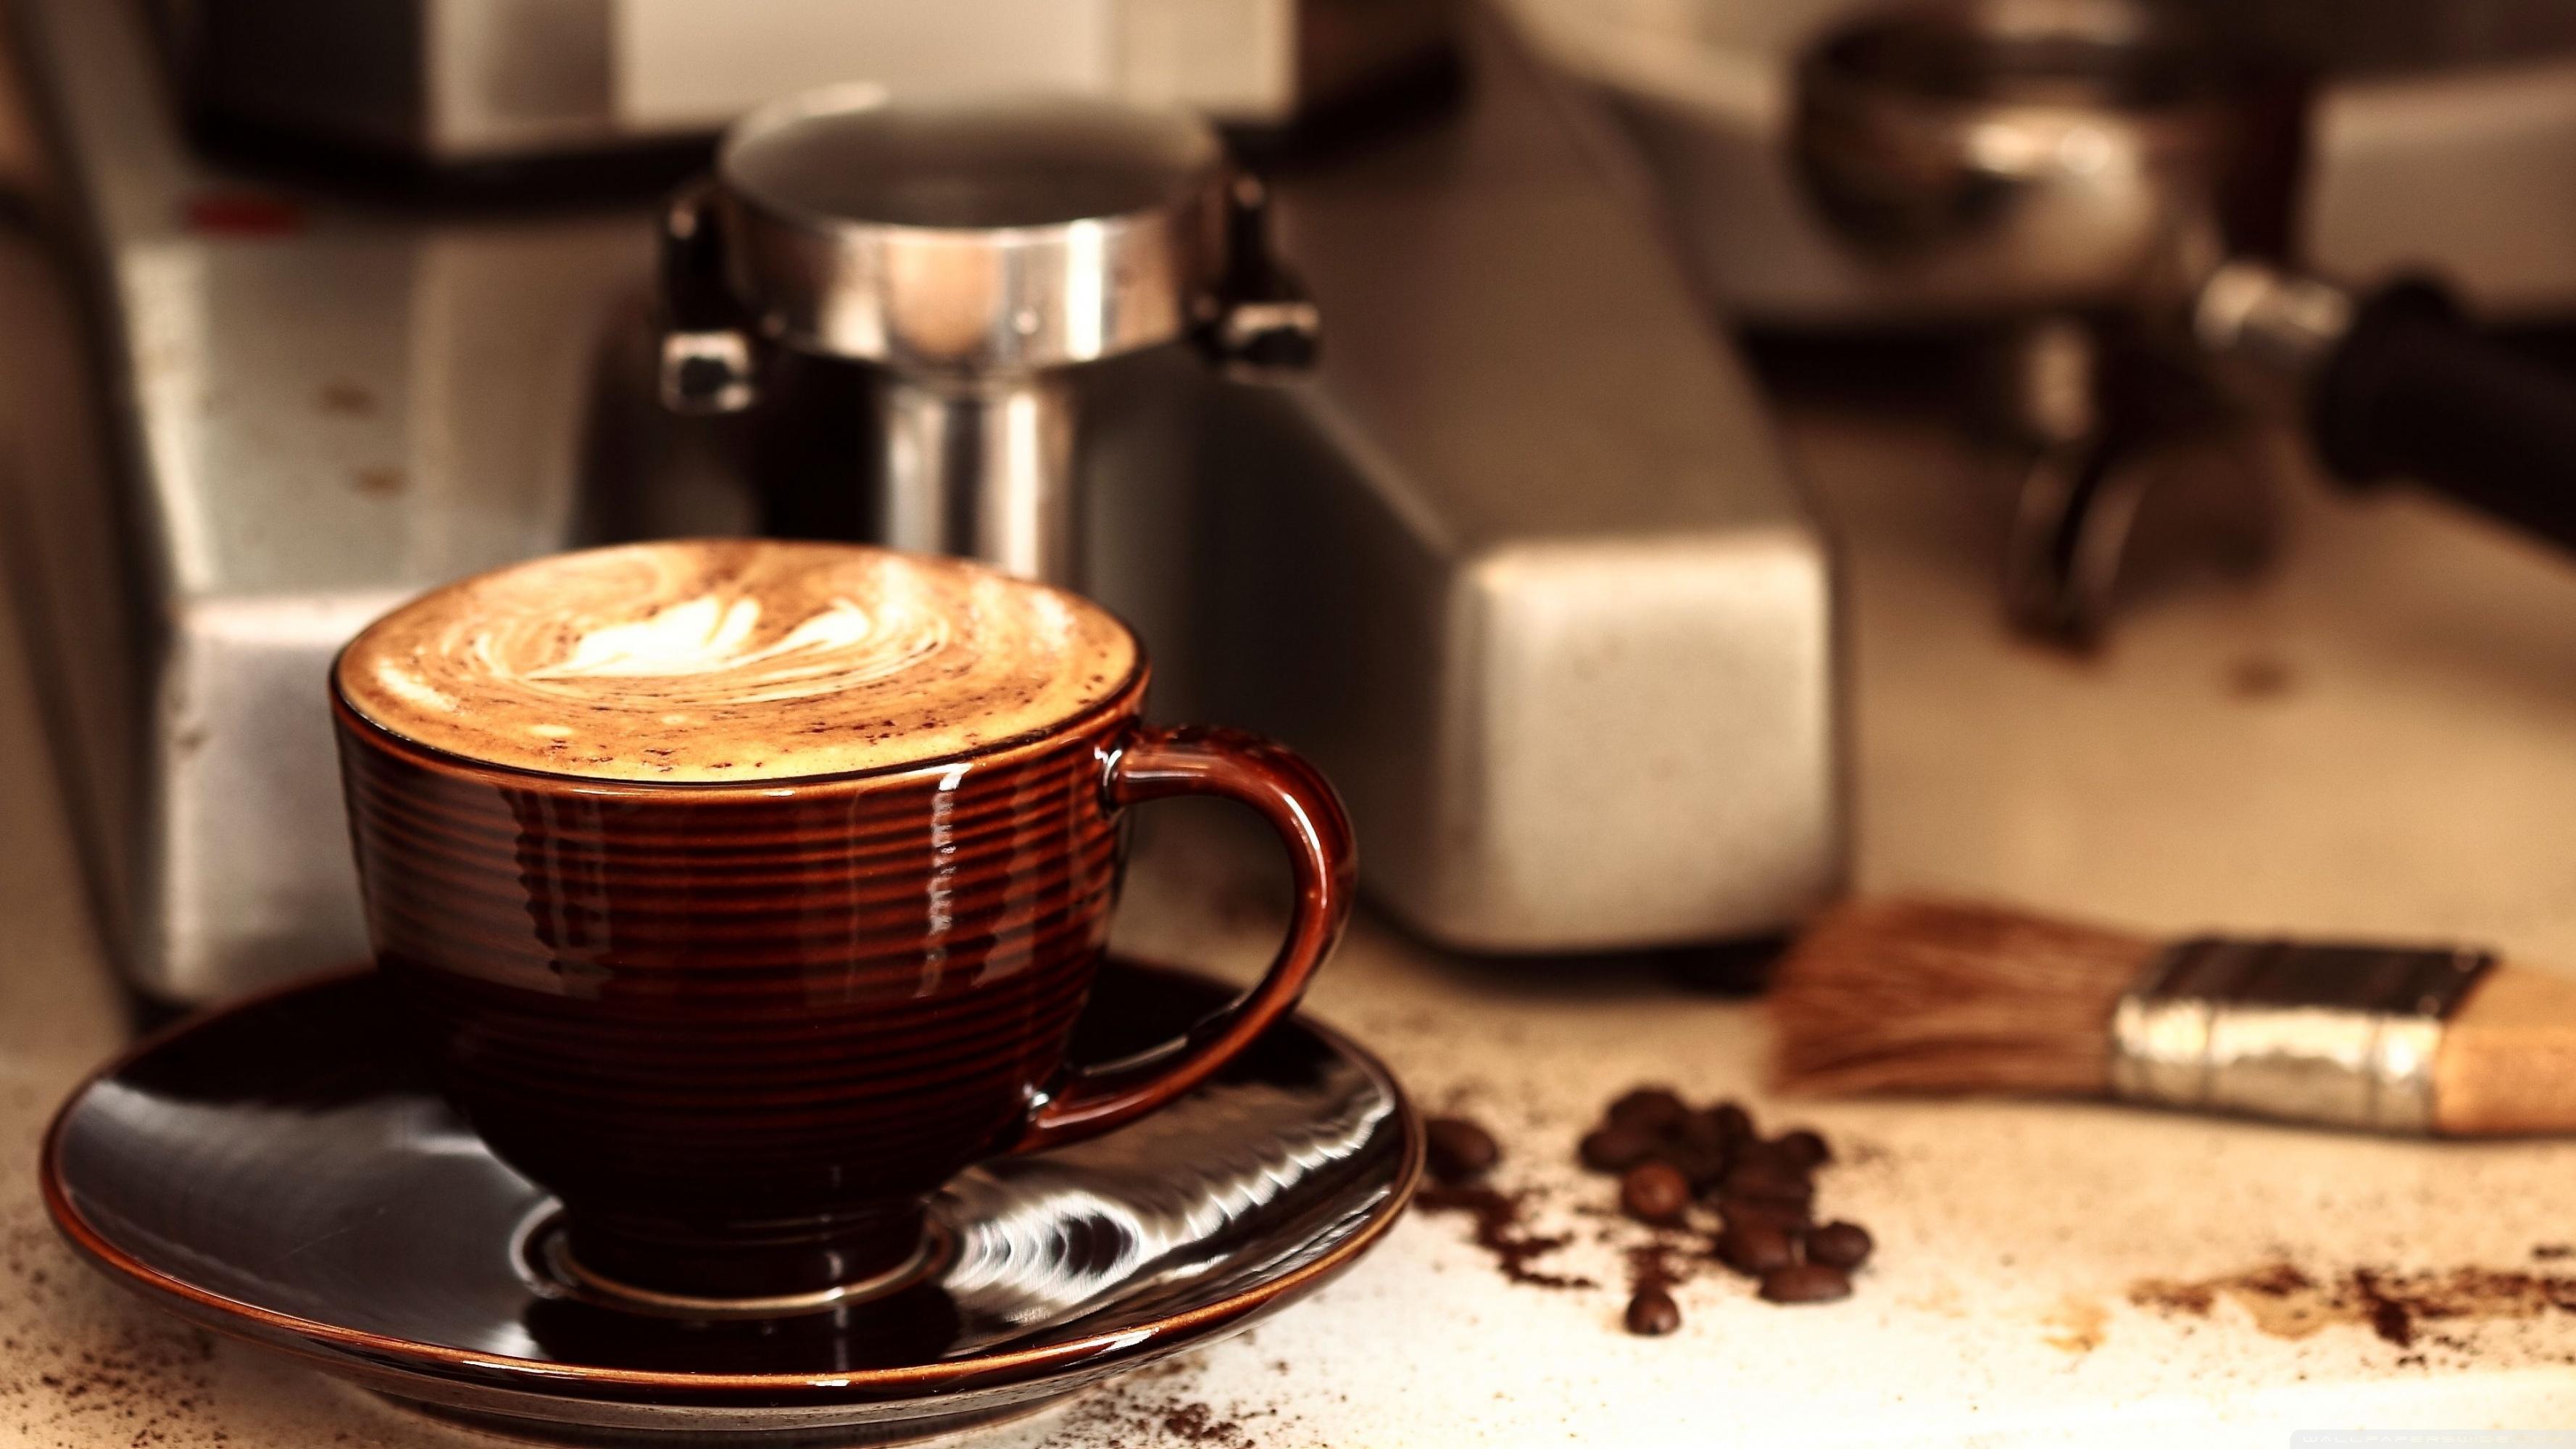 Cappuccino clipart latte Cappuccino wallpaper Cappuccino Clipart